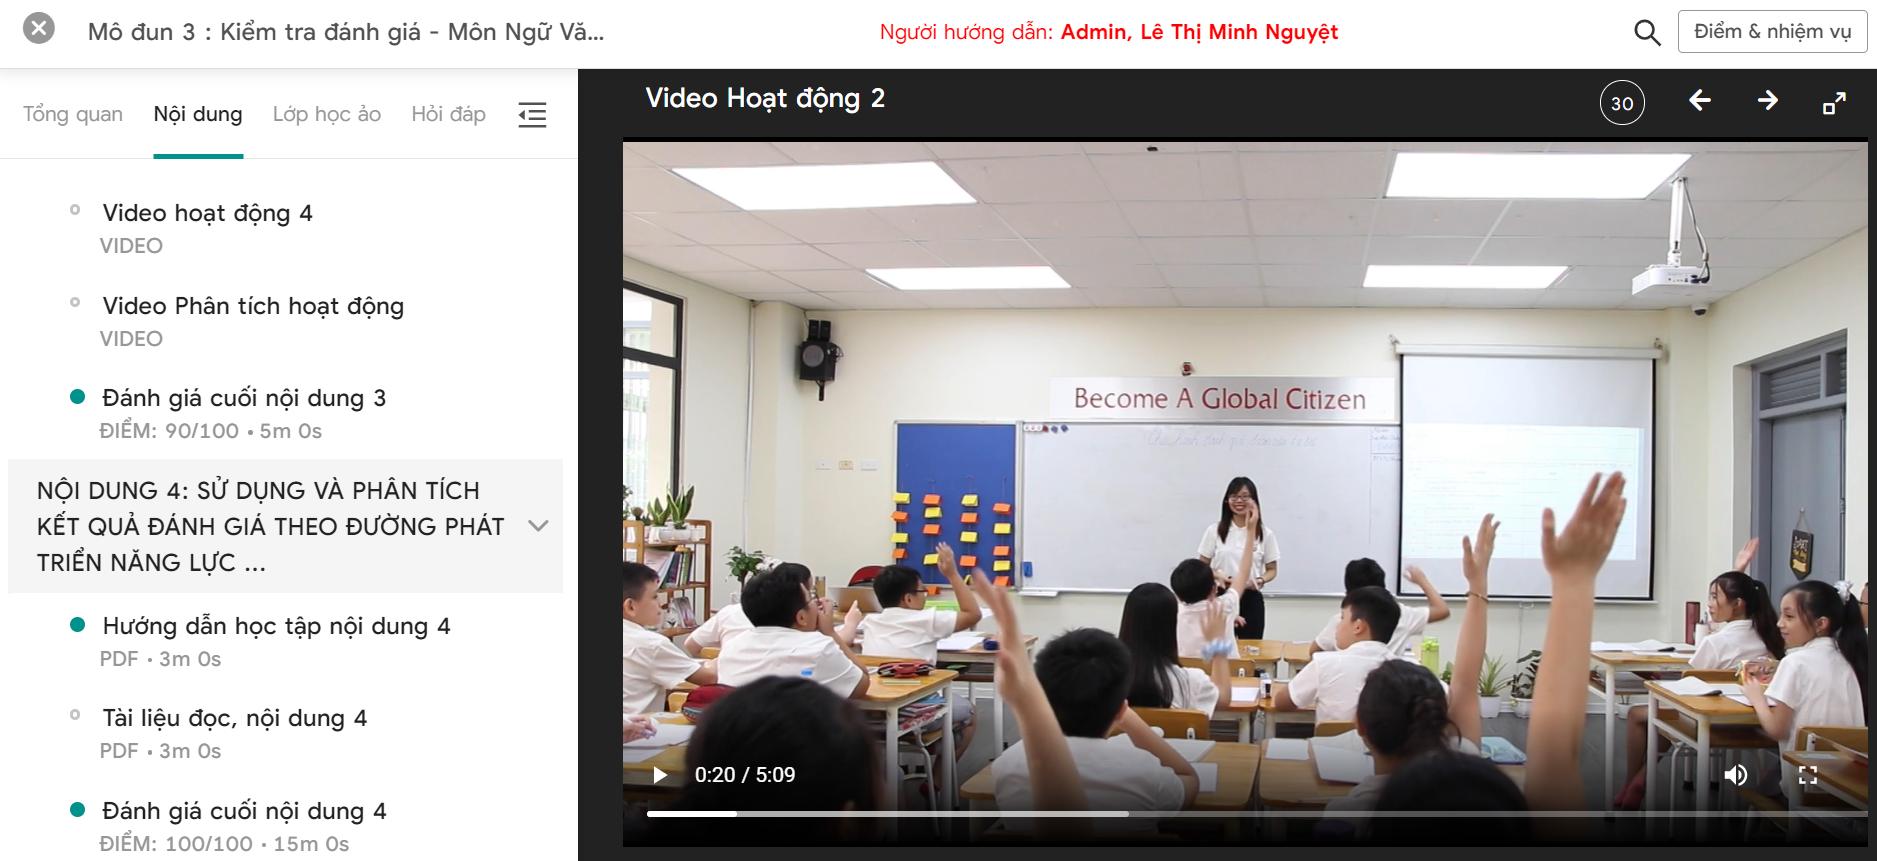 Thực hành đổi mới công cụ đánh giá môn Ngữ Văn tại Hanoi Academy Trang chủ